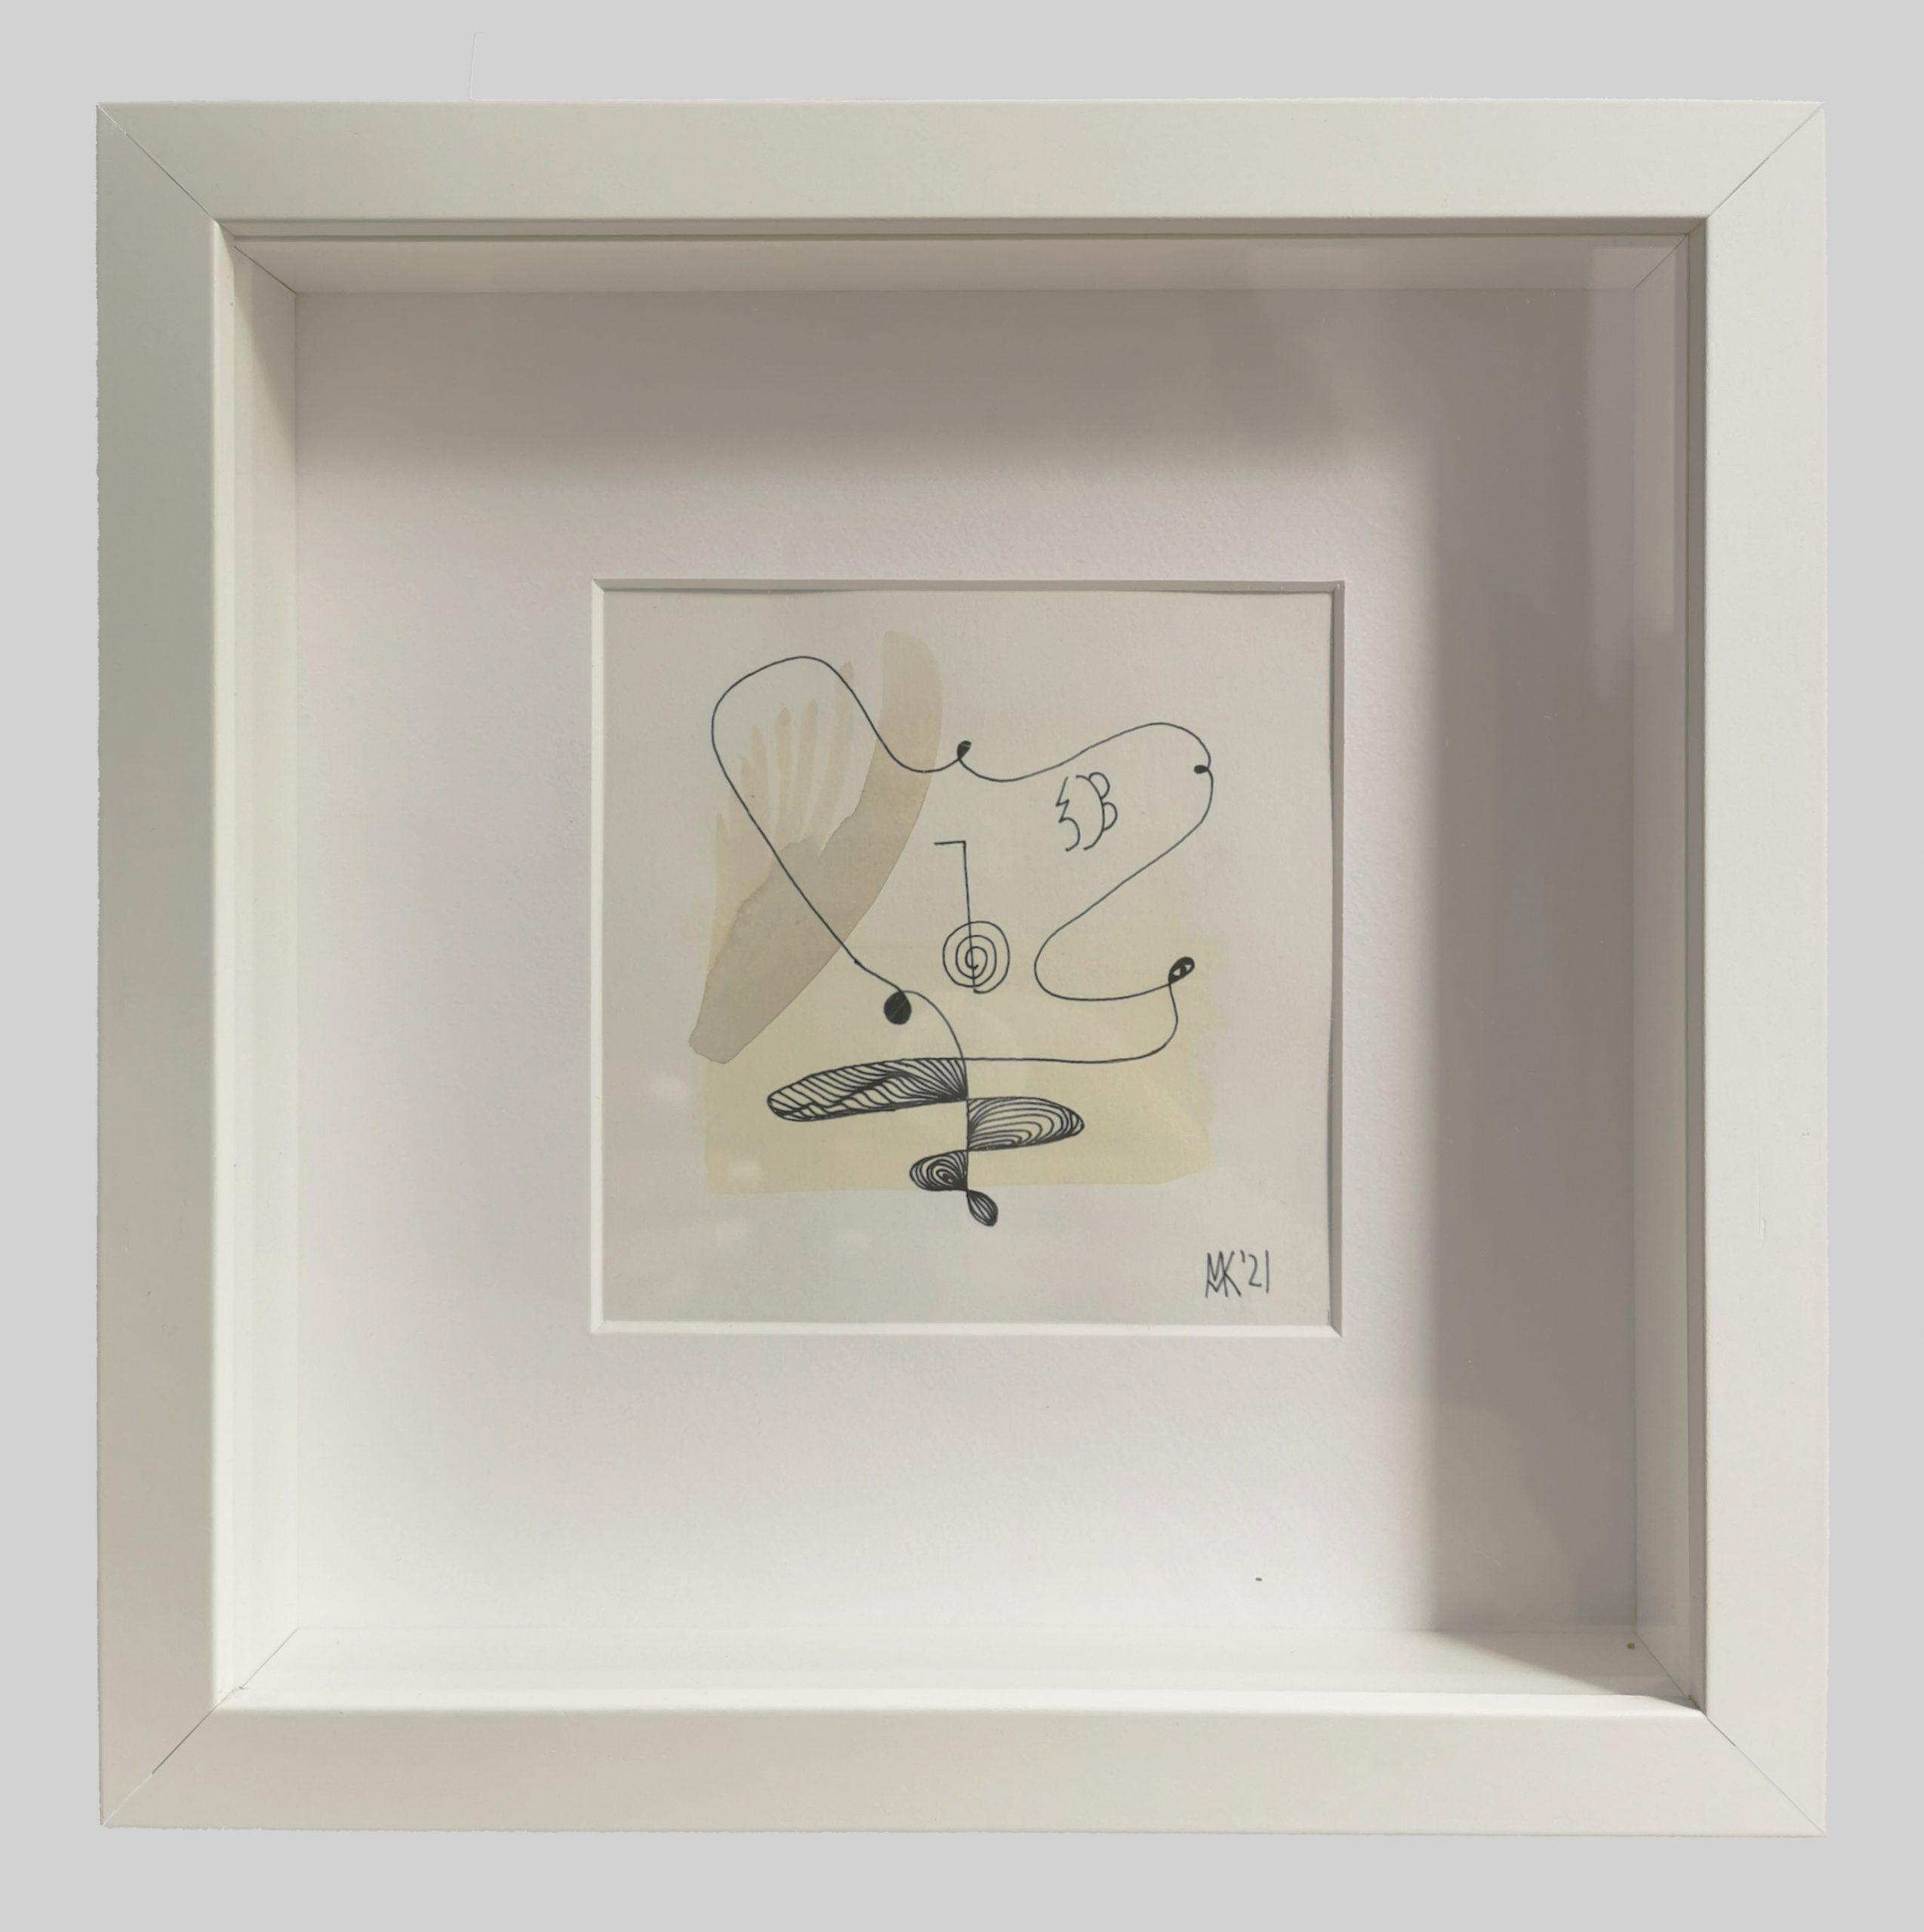 Abstrakte zeitgenössische Kust, Aquarell und Tusche auf Papier 11 x 11 cm, gerahmt 24 x 24 cm